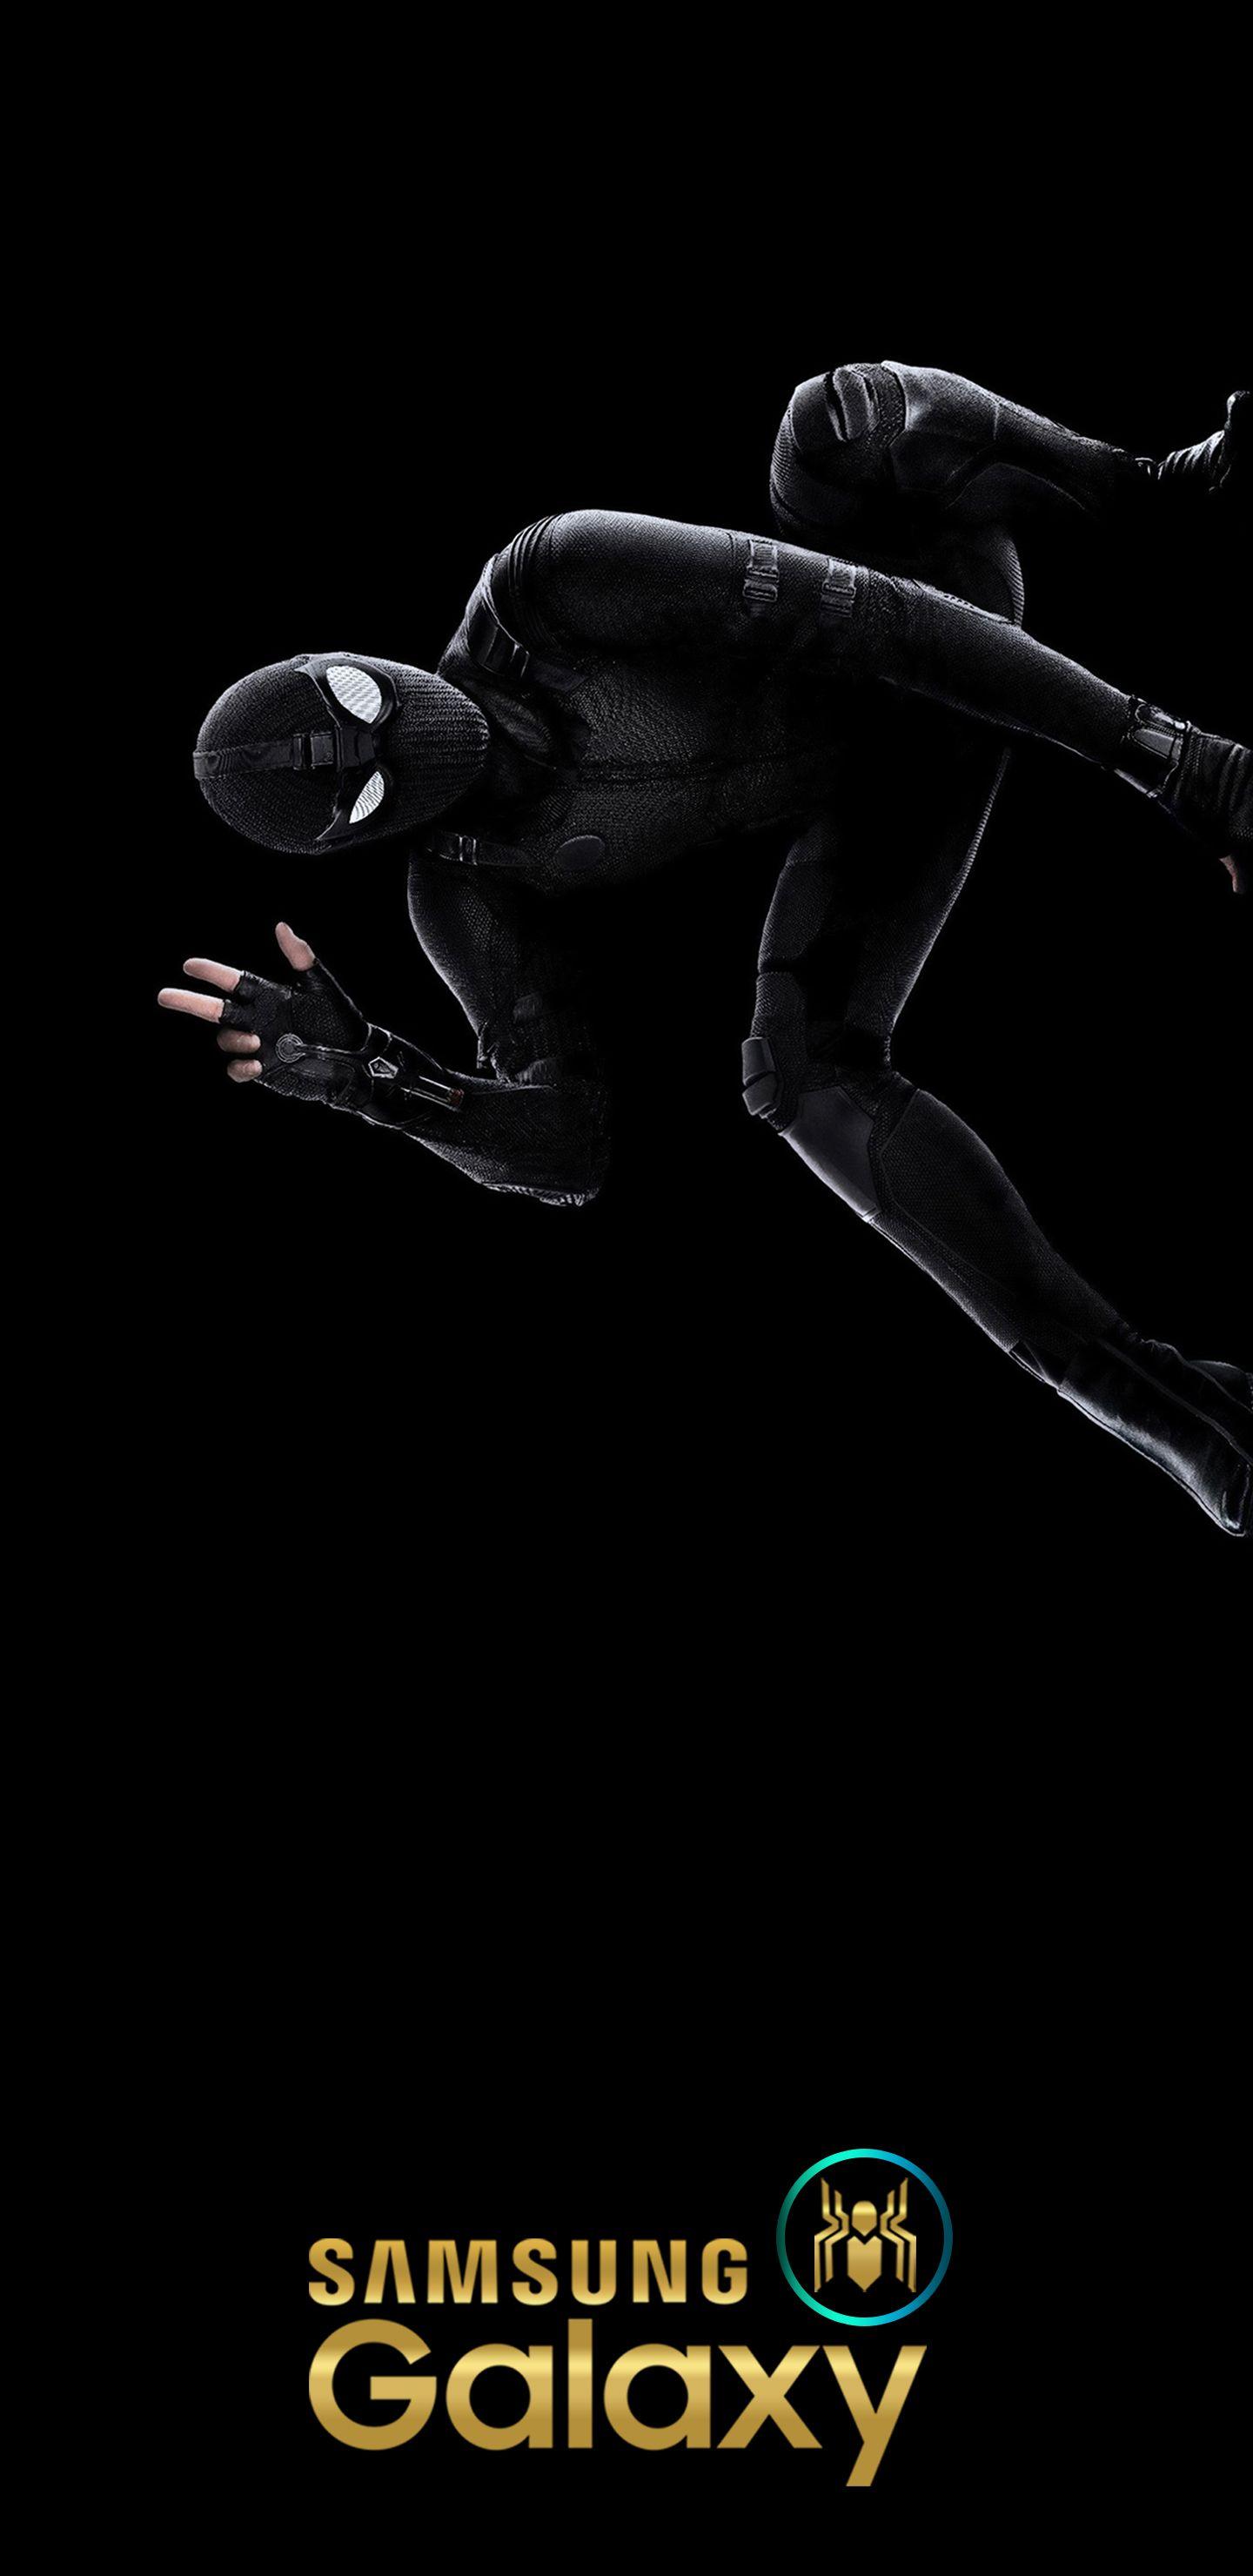 Spider Man Stealth Suit Wallpaper Spiderman Drawing Monkey Wallpaper Stealth Suit